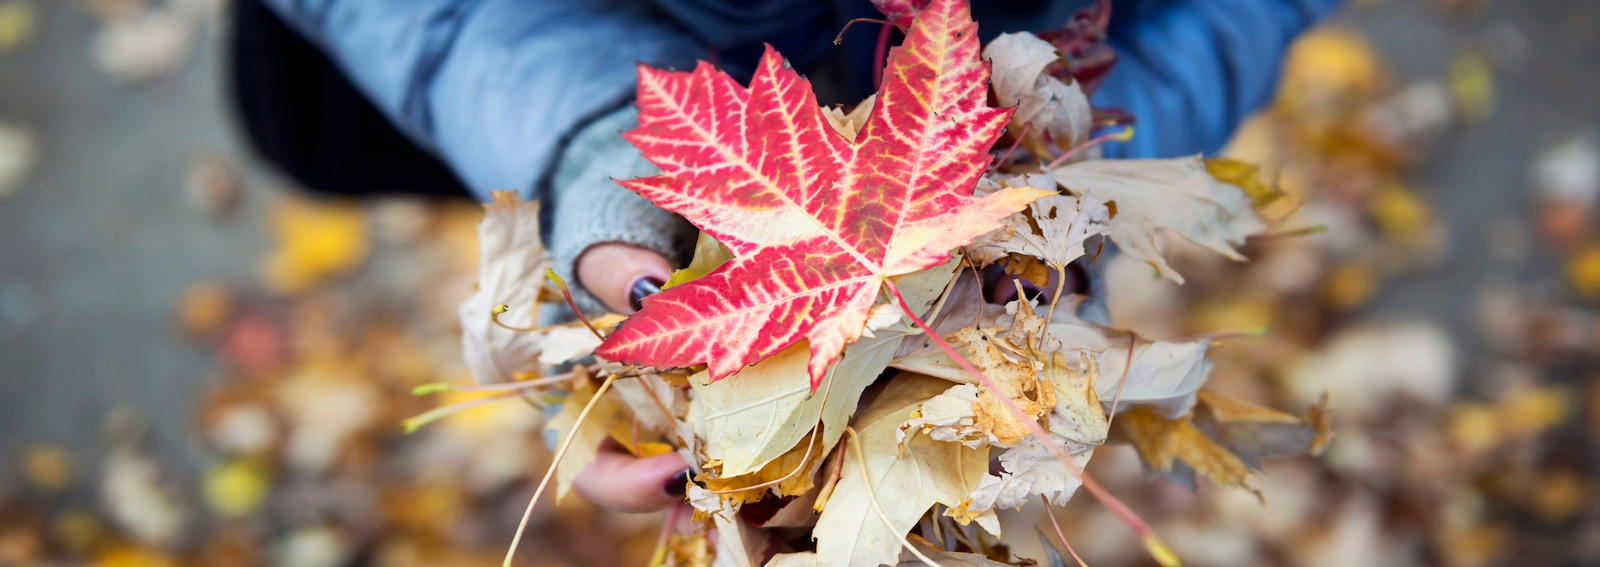 autunno canada immagine hero grande